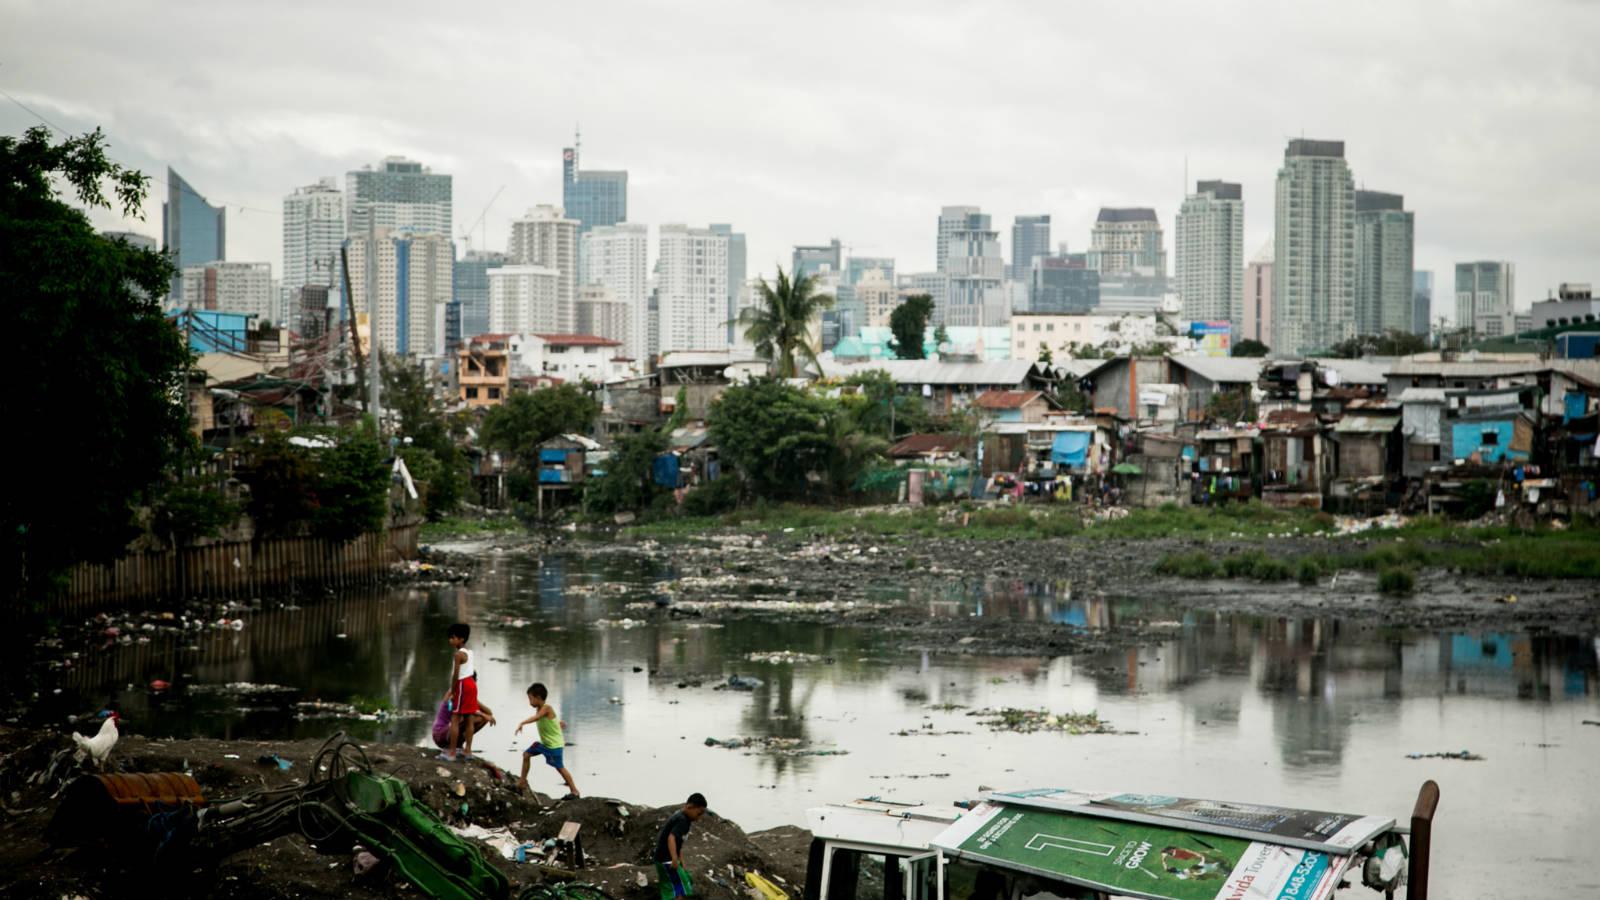 極端不平等正在蠶食滅貧成果。現時全球最富有的 1% 人所擁有的財富,比其餘 99% 人的總財富還要多。 (Dewald Brand, Miran for Oxfam)